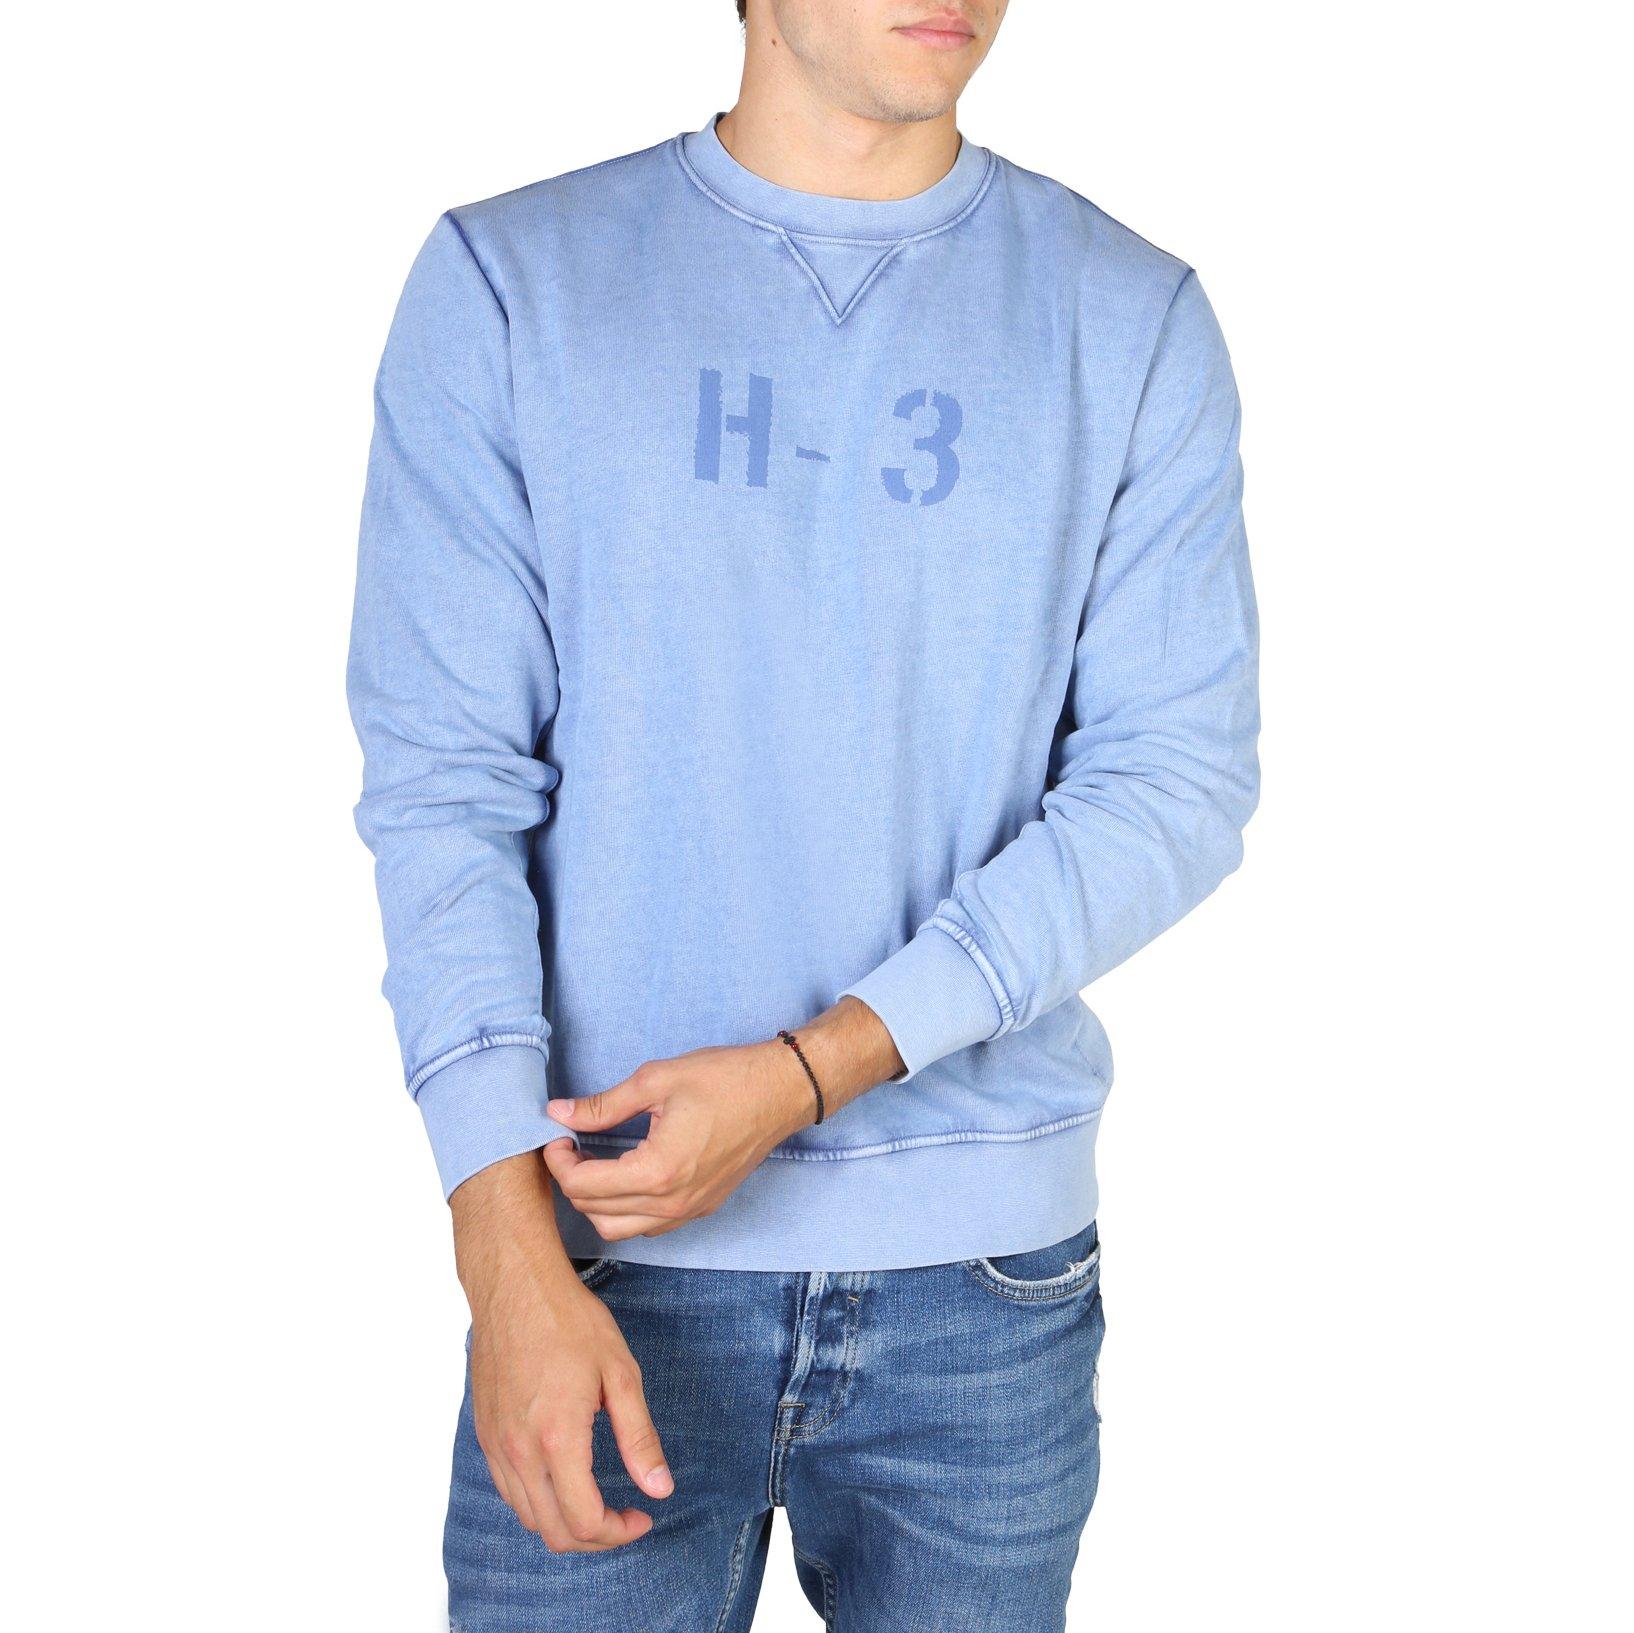 Hackett Men's Sweatshirt Blue HM580663 - blue-1 S